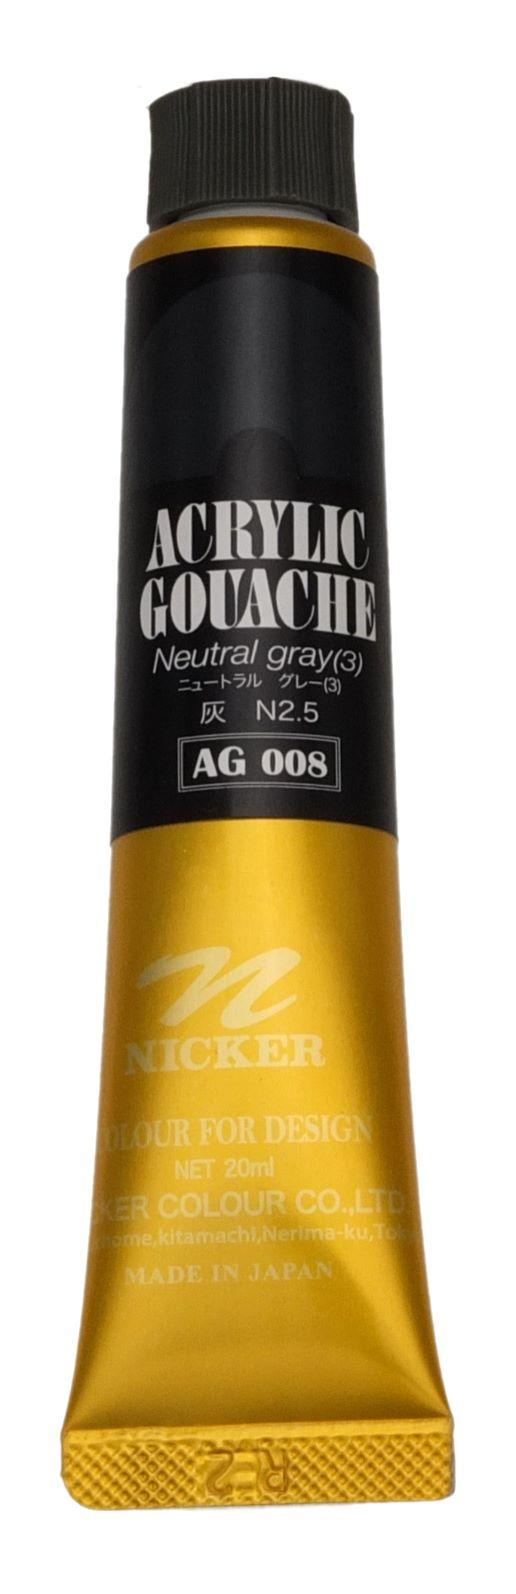 <Discontinued> ACRYLIC GOUACHE 20ml AG008 NEUTRAL GRAY(3)